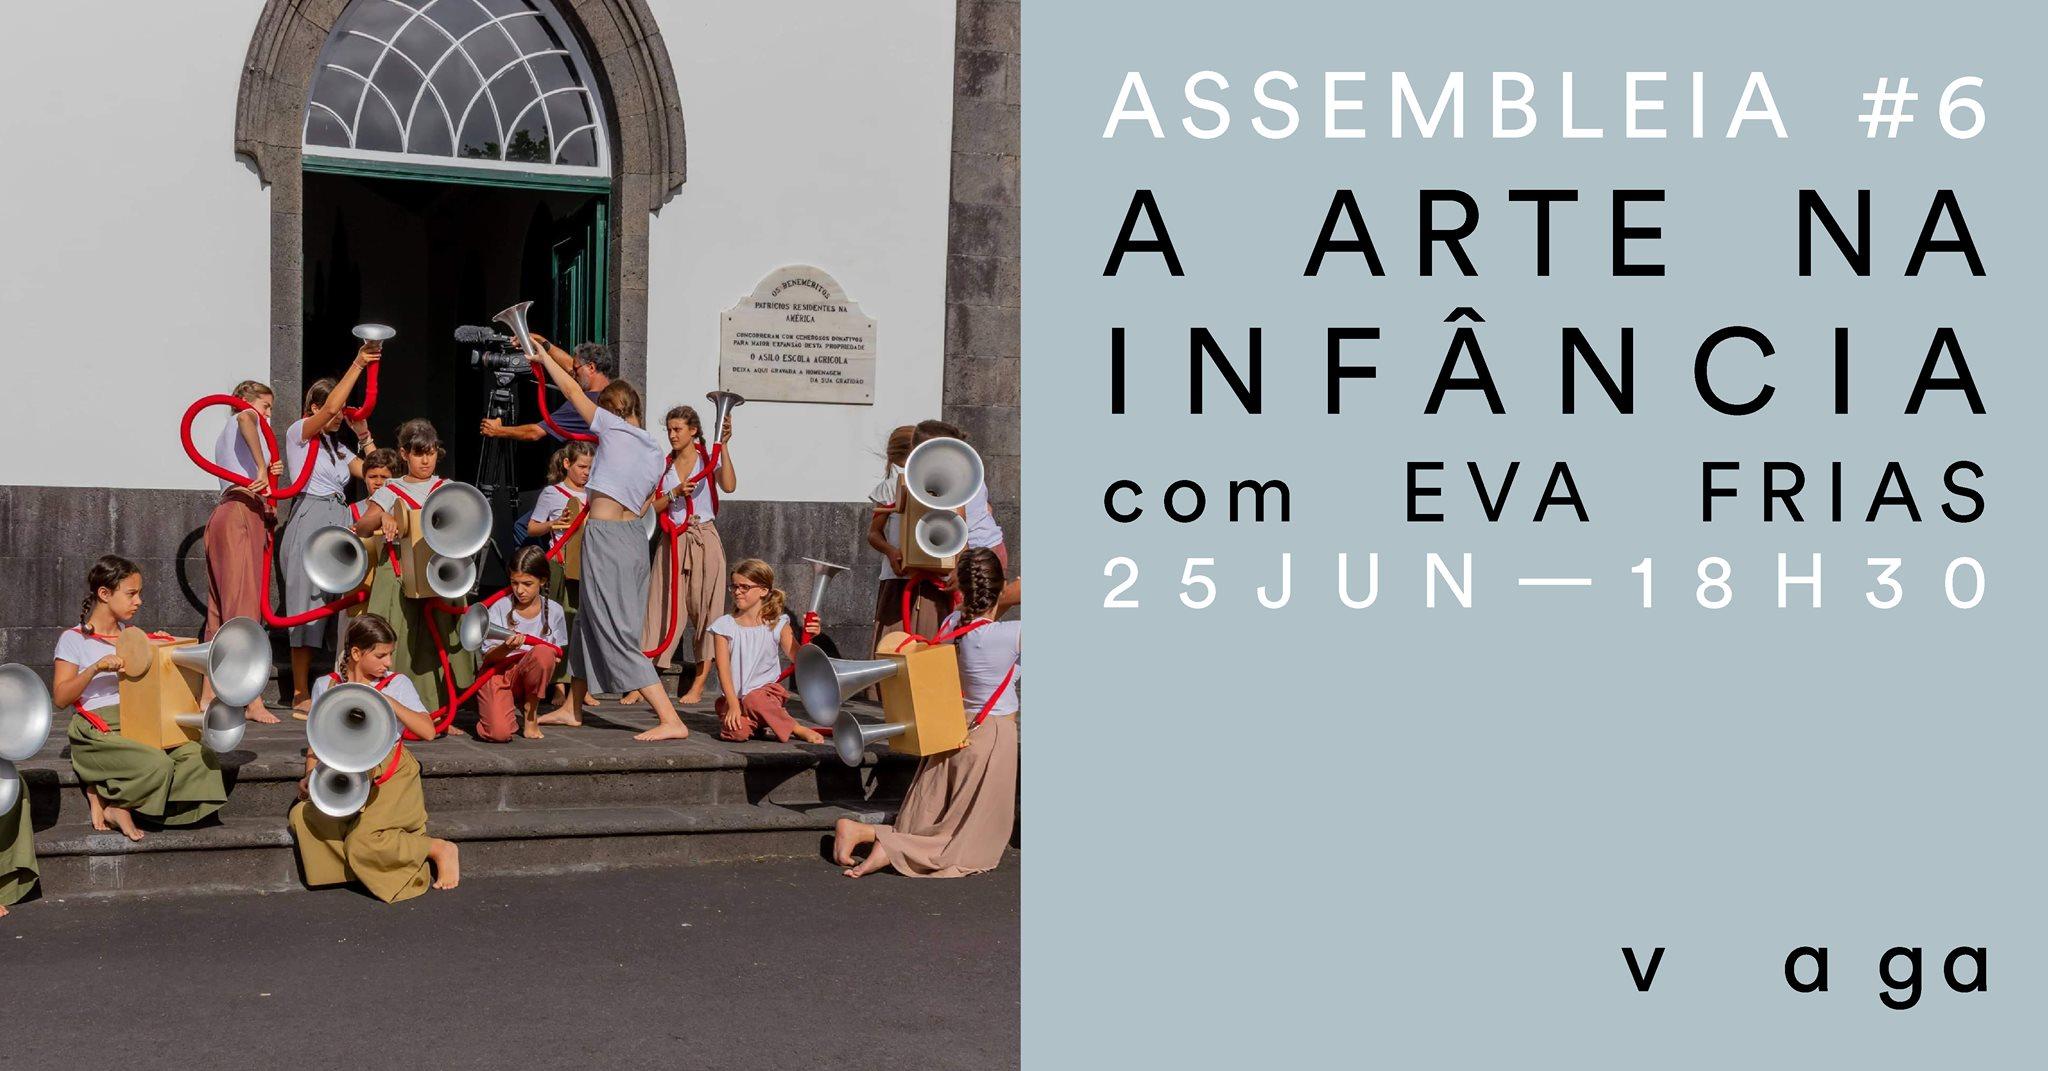 """Assembleia #6 - """"A Arte na Infância"""" com Eva Frias"""